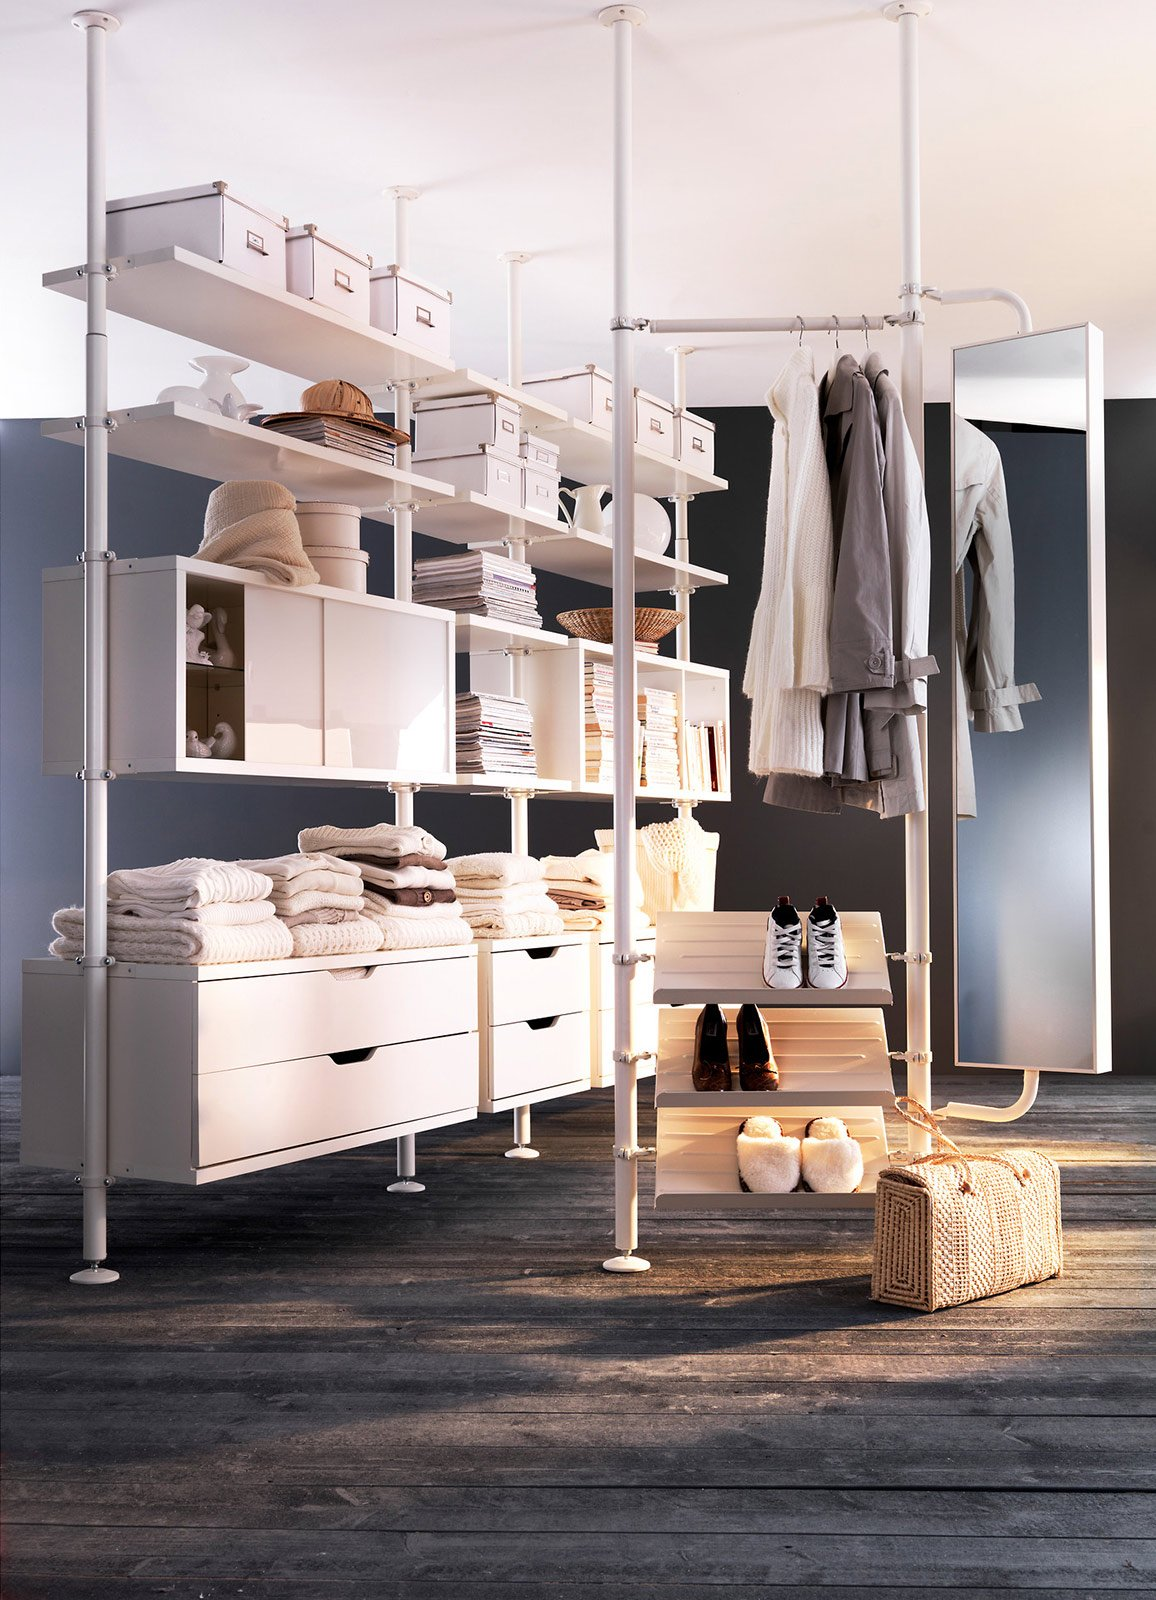 Cabine armadio progettiamo insieme lo spazio cose di casa - Armadi in metallo ikea ...